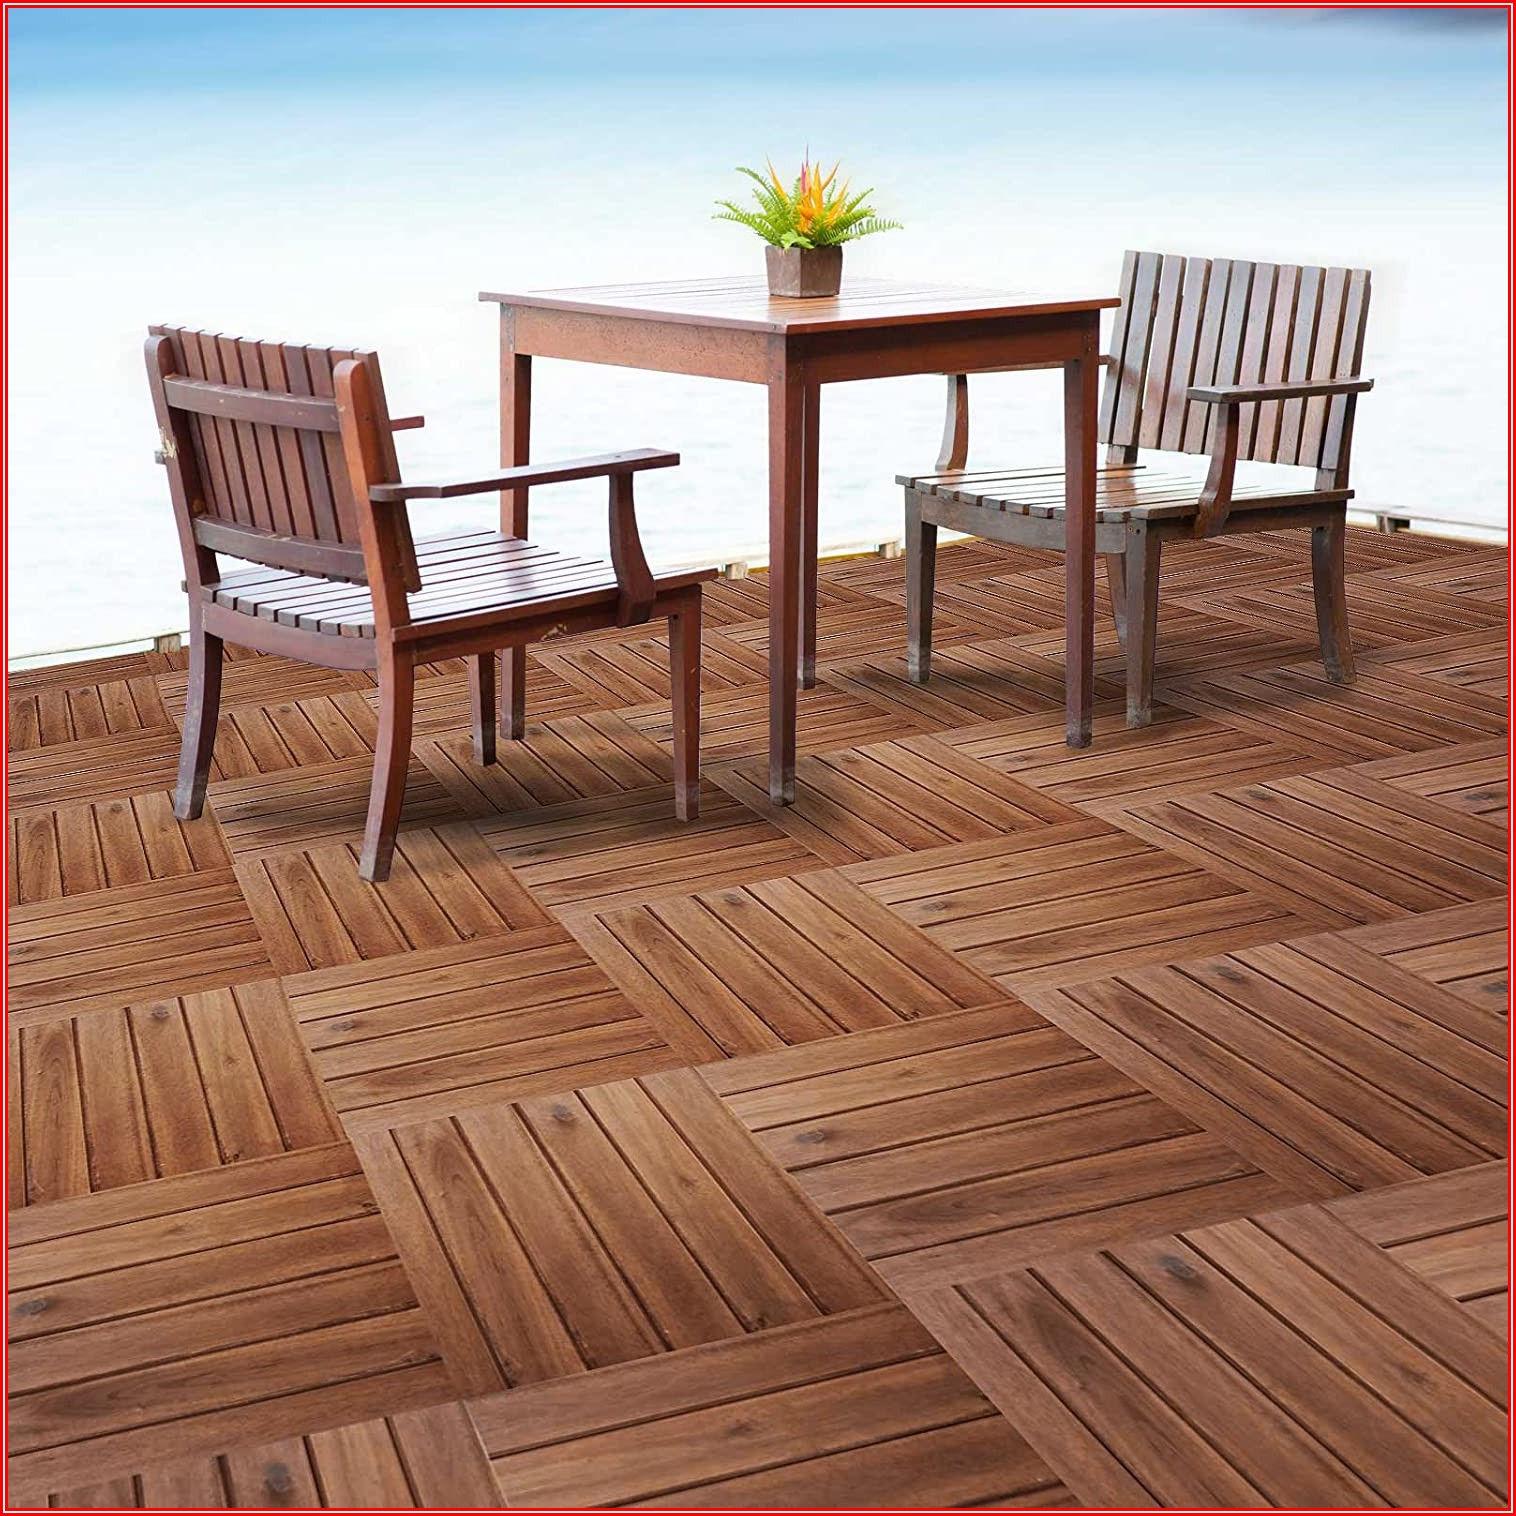 Acacia Hardwood Deck And Patio